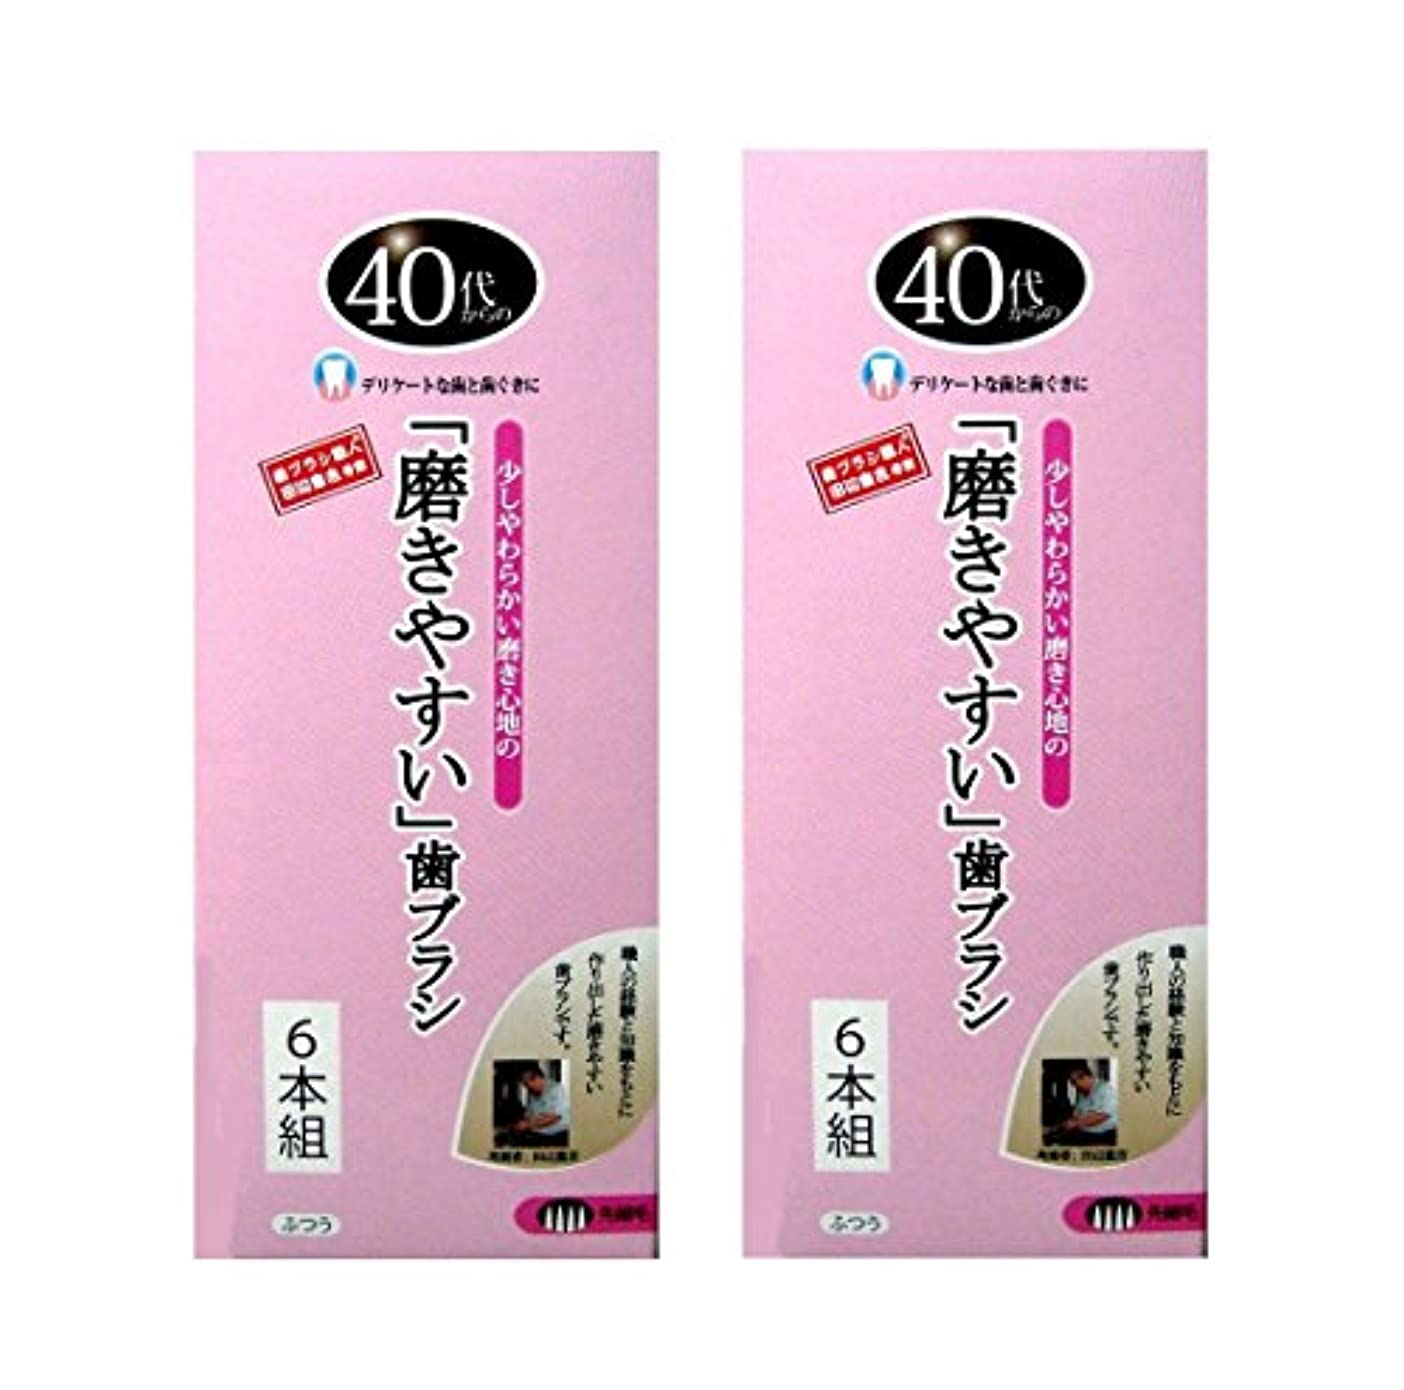 ハドル文法何もない歯ブラシ職人 田辺重吉考案 40代からの磨きやすい歯ブラシ 先細 6本組×2個セット